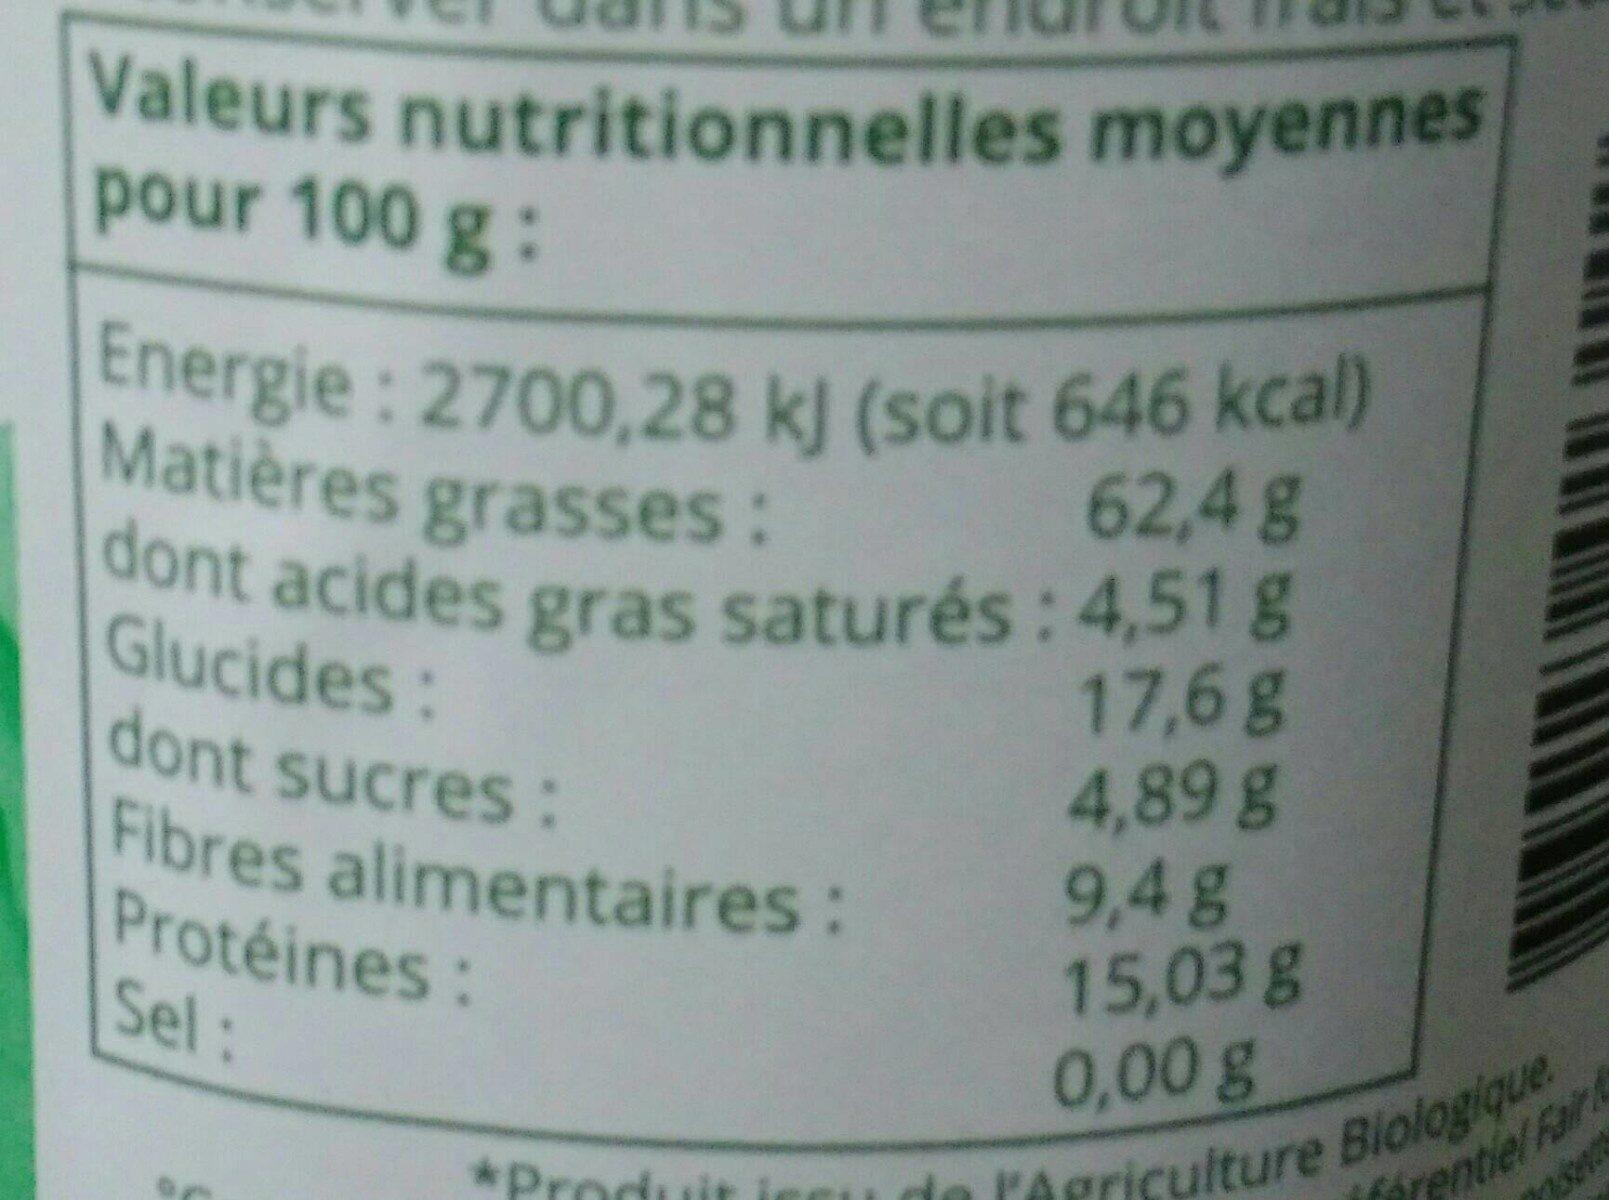 Purée de noisettes - Nutrition facts - fr